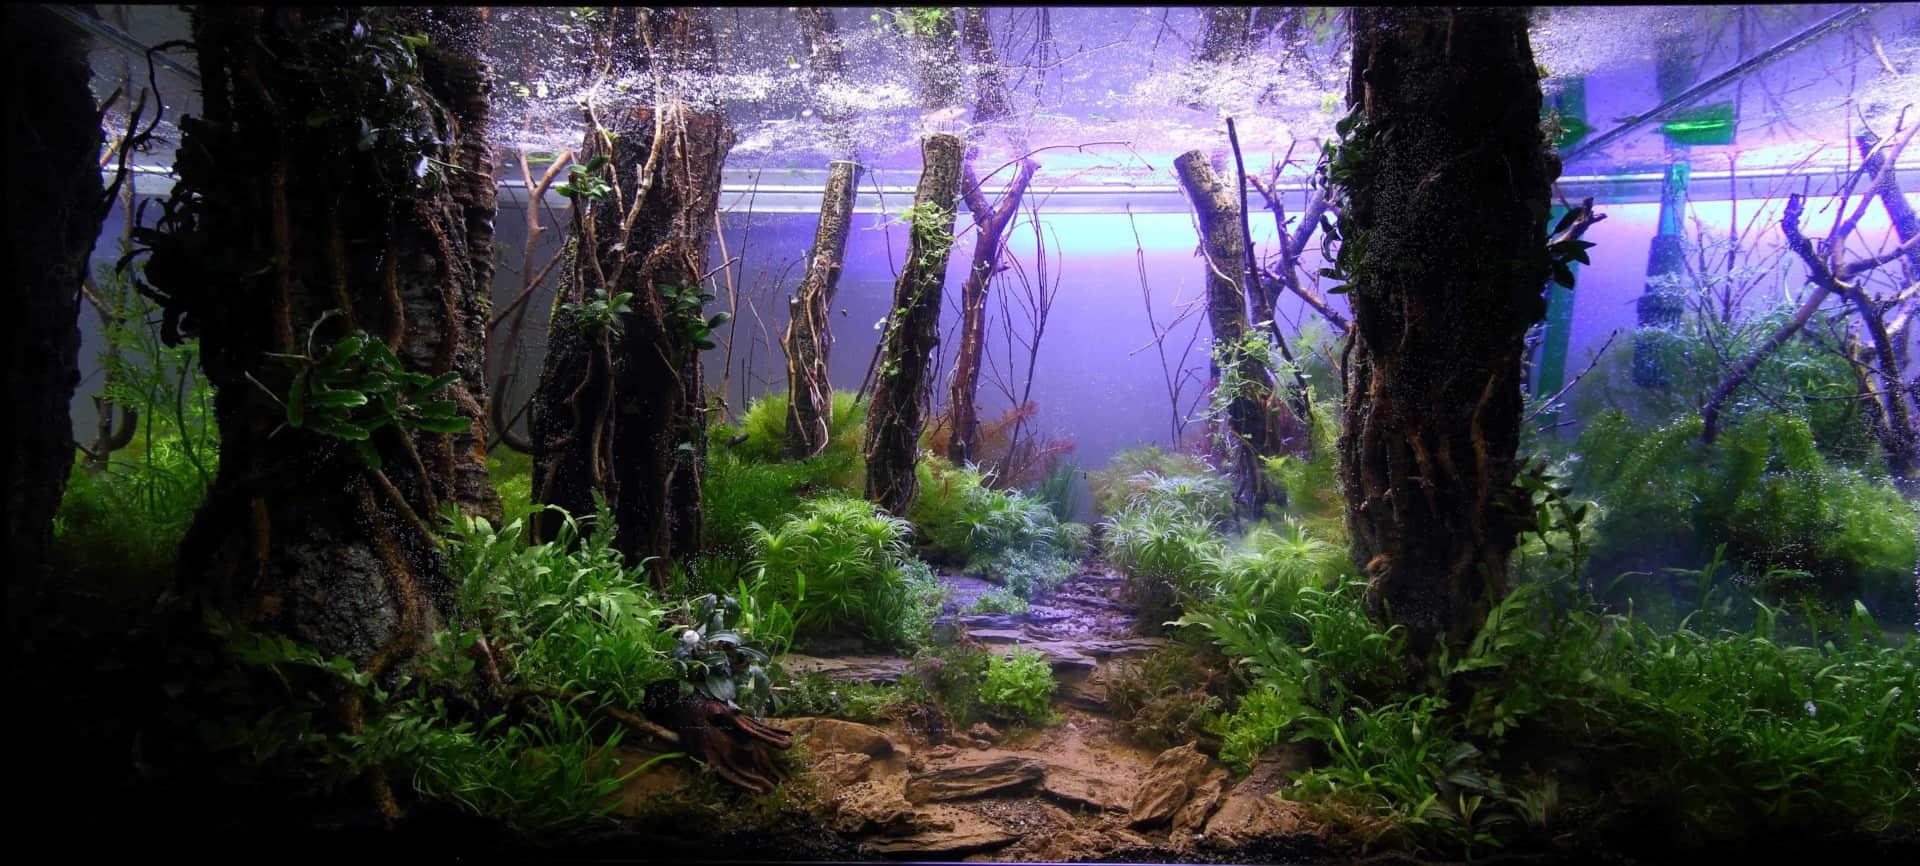 191 - The Art of the Planted Aquarium - Neuheiten und Möglichkeiten zum Mitmachen im April 2019 (Stefanie Hesse) 41